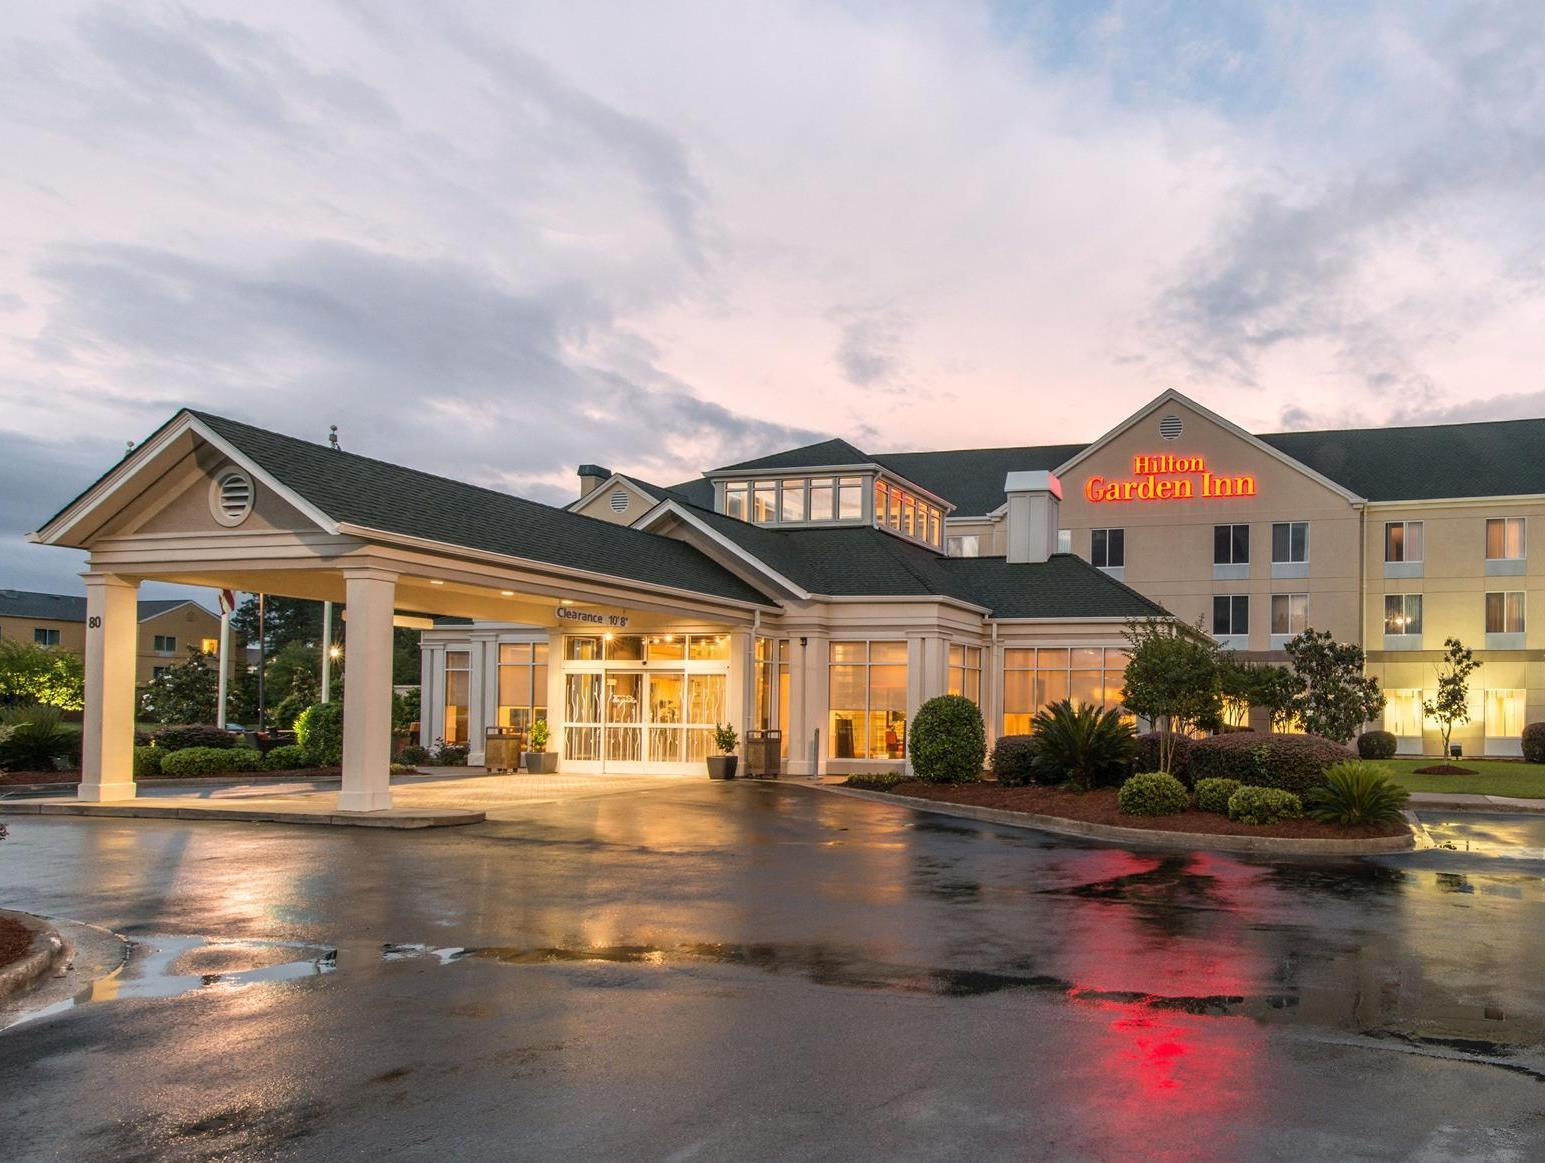 hilton garden inn savannah airport - Hilton Garden Inn Savannah Airport